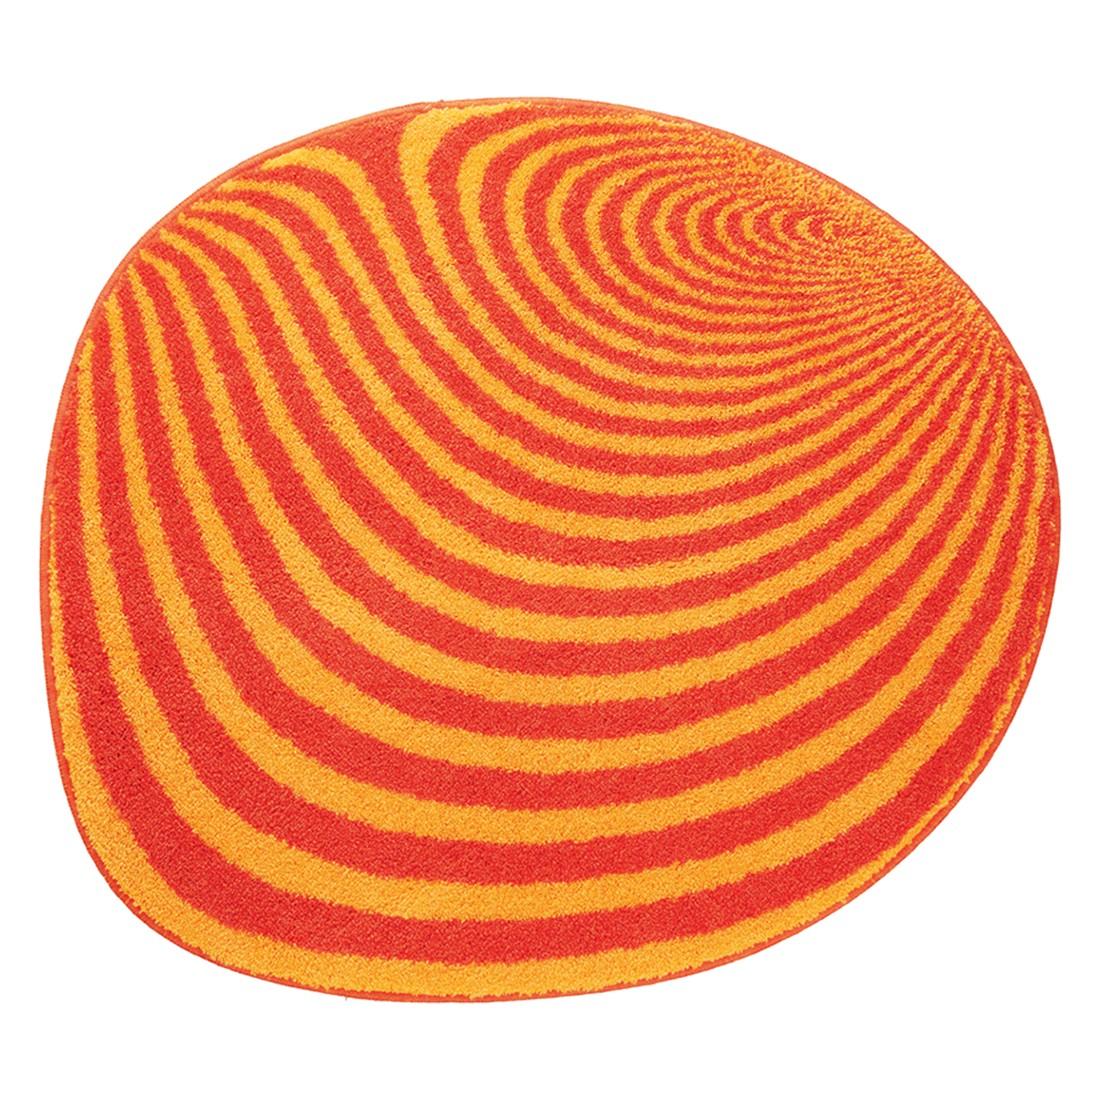 Badteppich Pebble - Orange - Rund, Grund